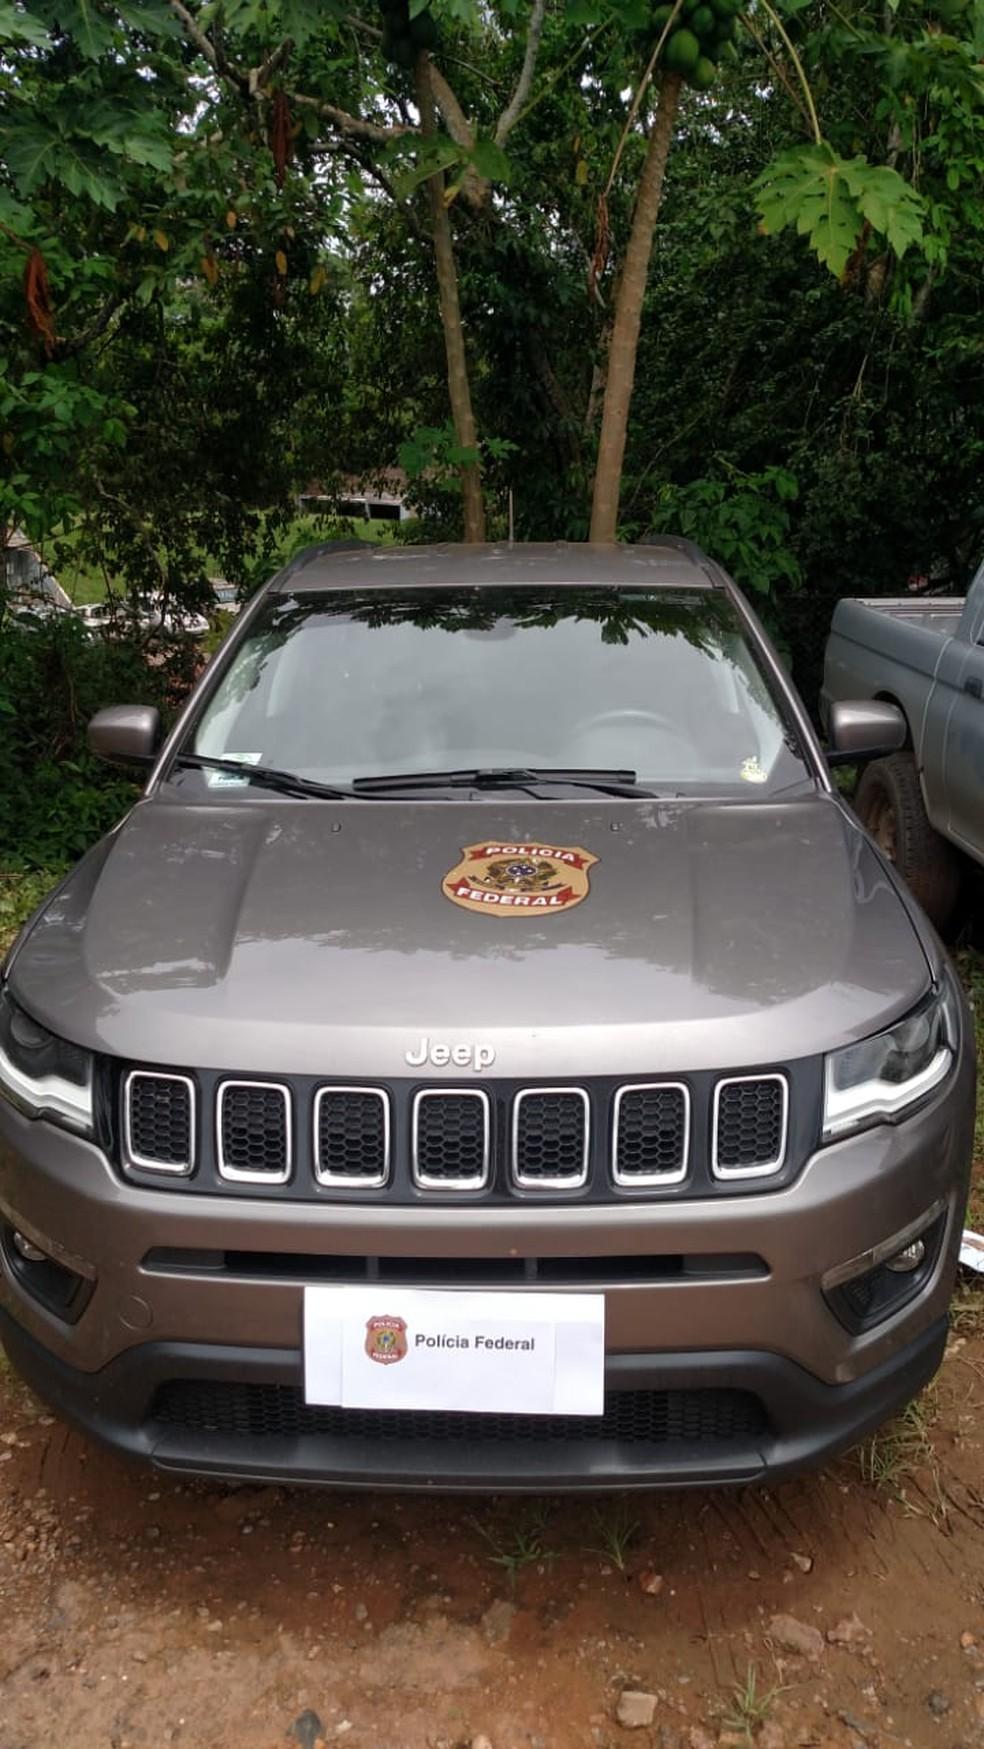 Carro de luxo apreendido na Operação Diarista — Foto: PF/Divulgação